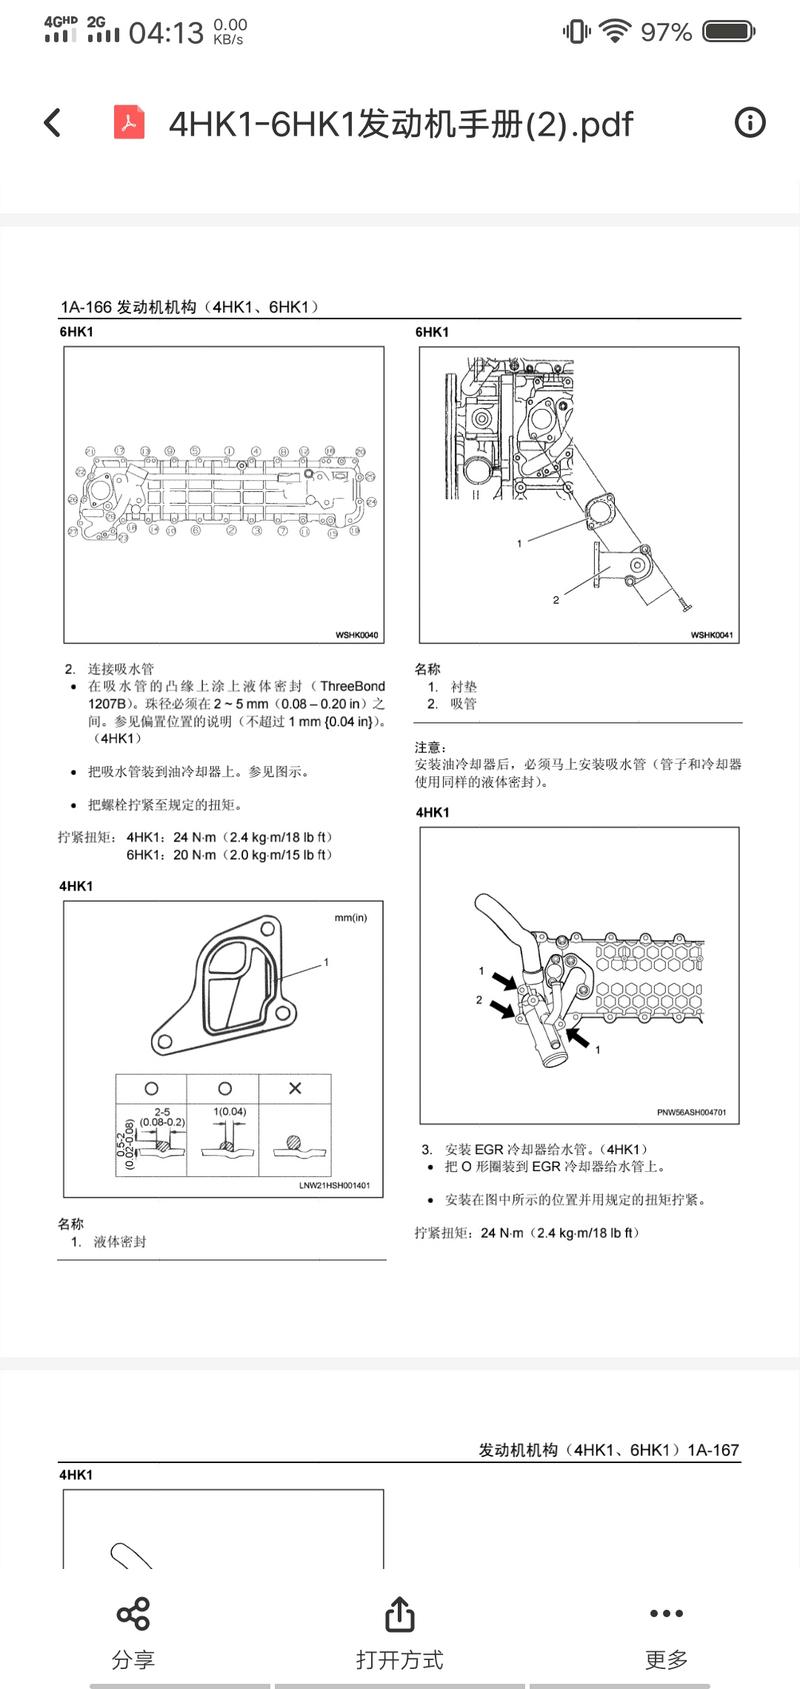 挖掘机维修手册资料-帖子图片